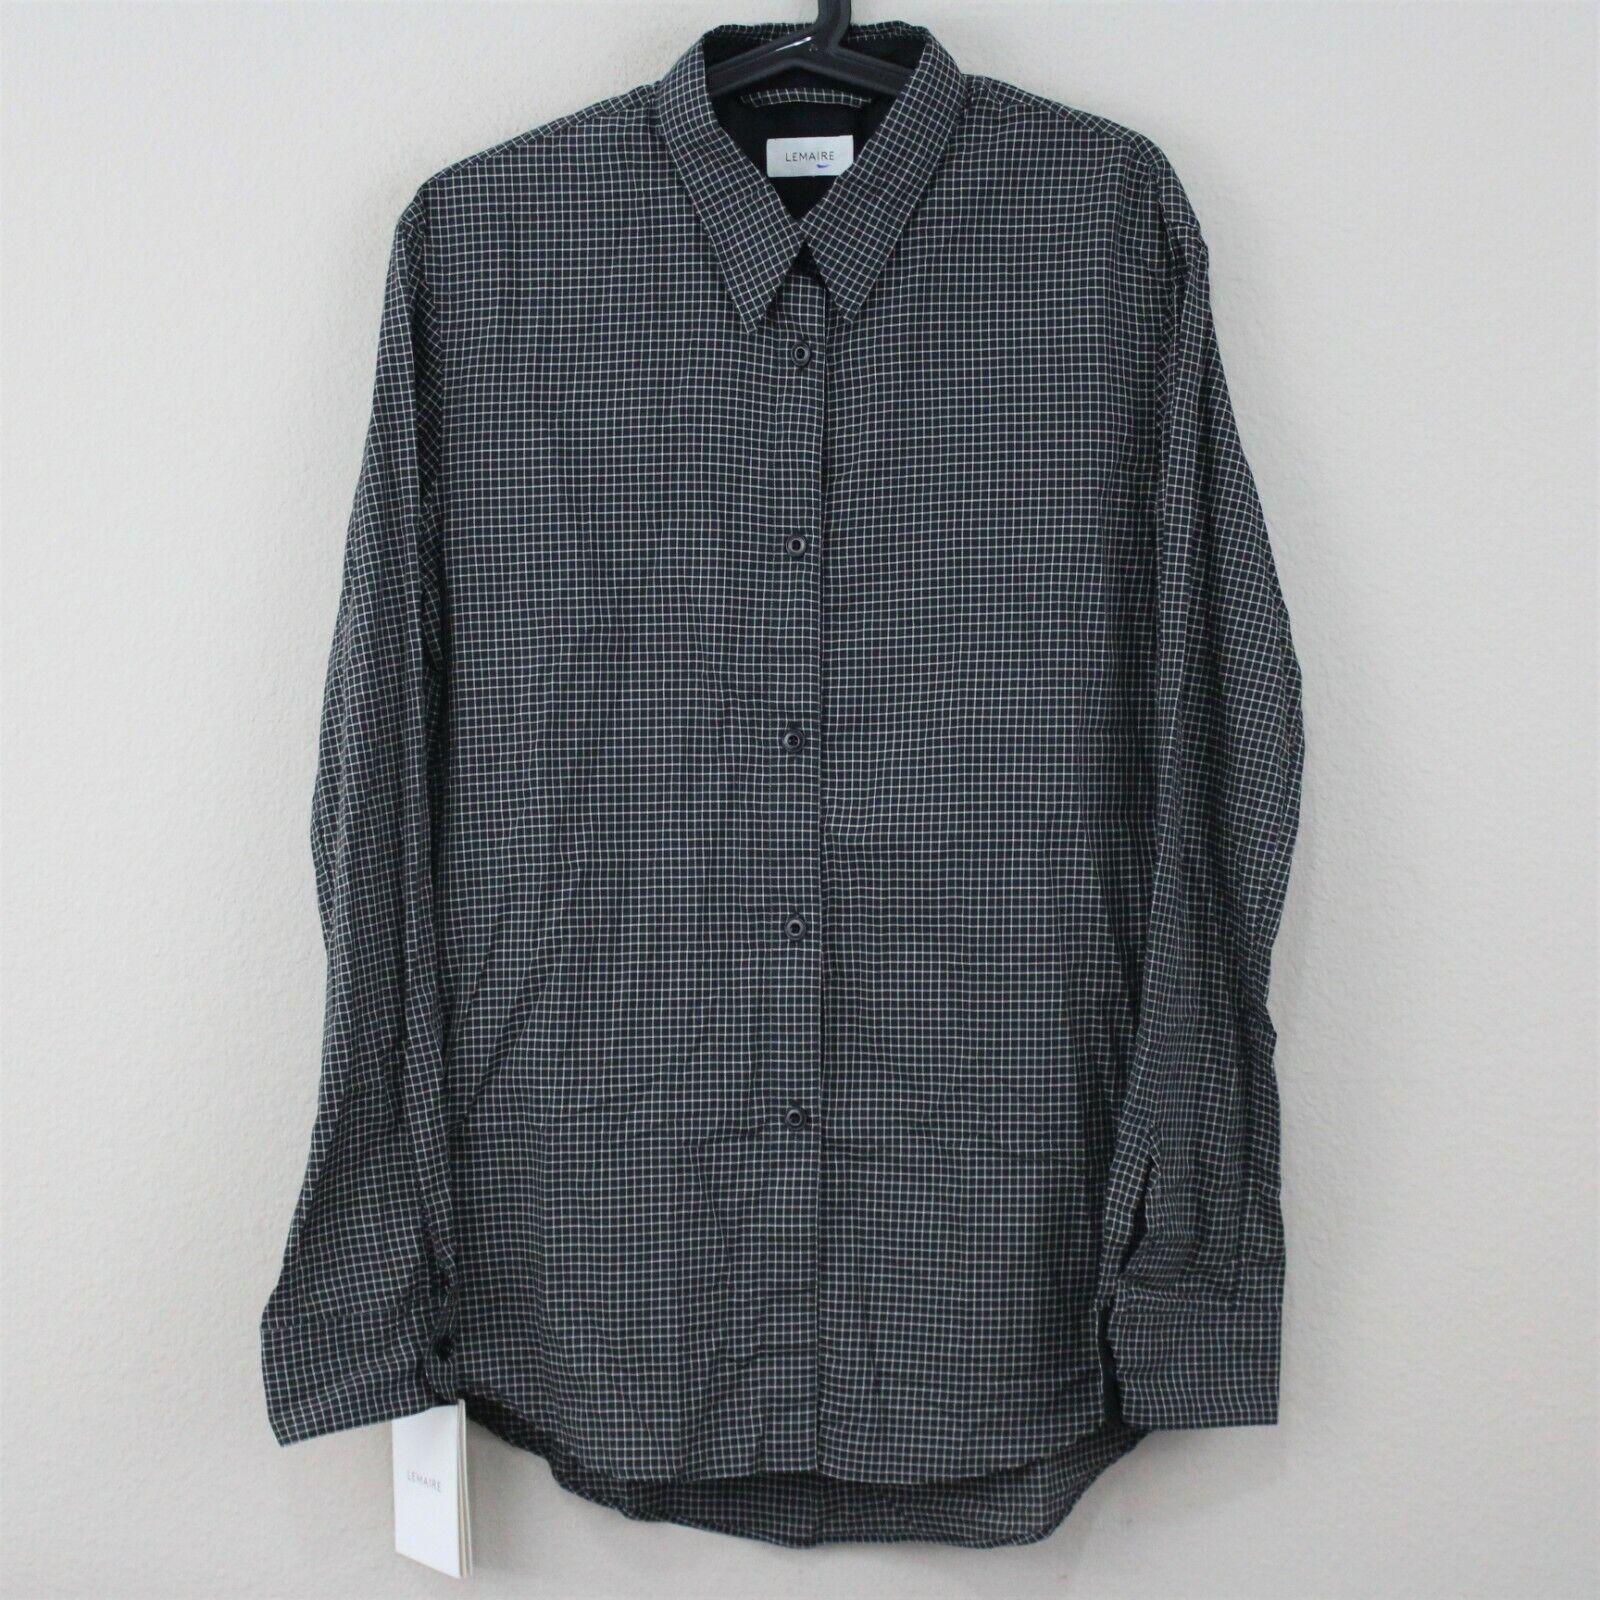 Lemaire para mujer 38 señaló botón  de camisa azulsa de comprobación de cuello nuevo con etiquetas M317  sin mínimo